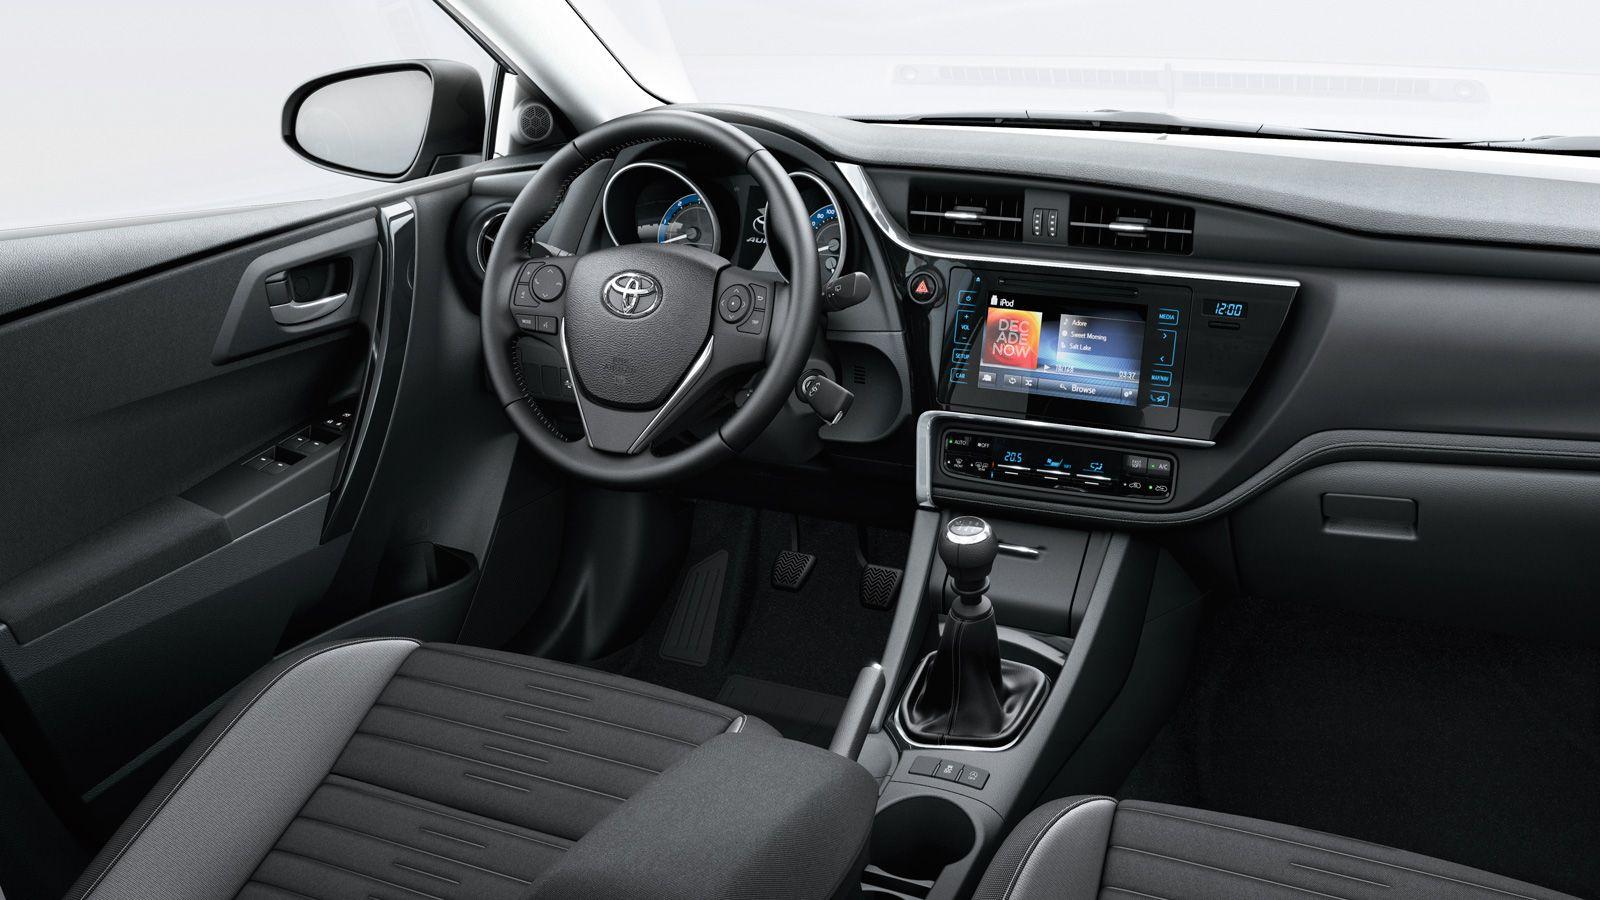 Toyota Auris Touring Sports The Versatile Wagon With Hybrid Technology Toyota Auris Toyota Toyota Avensis